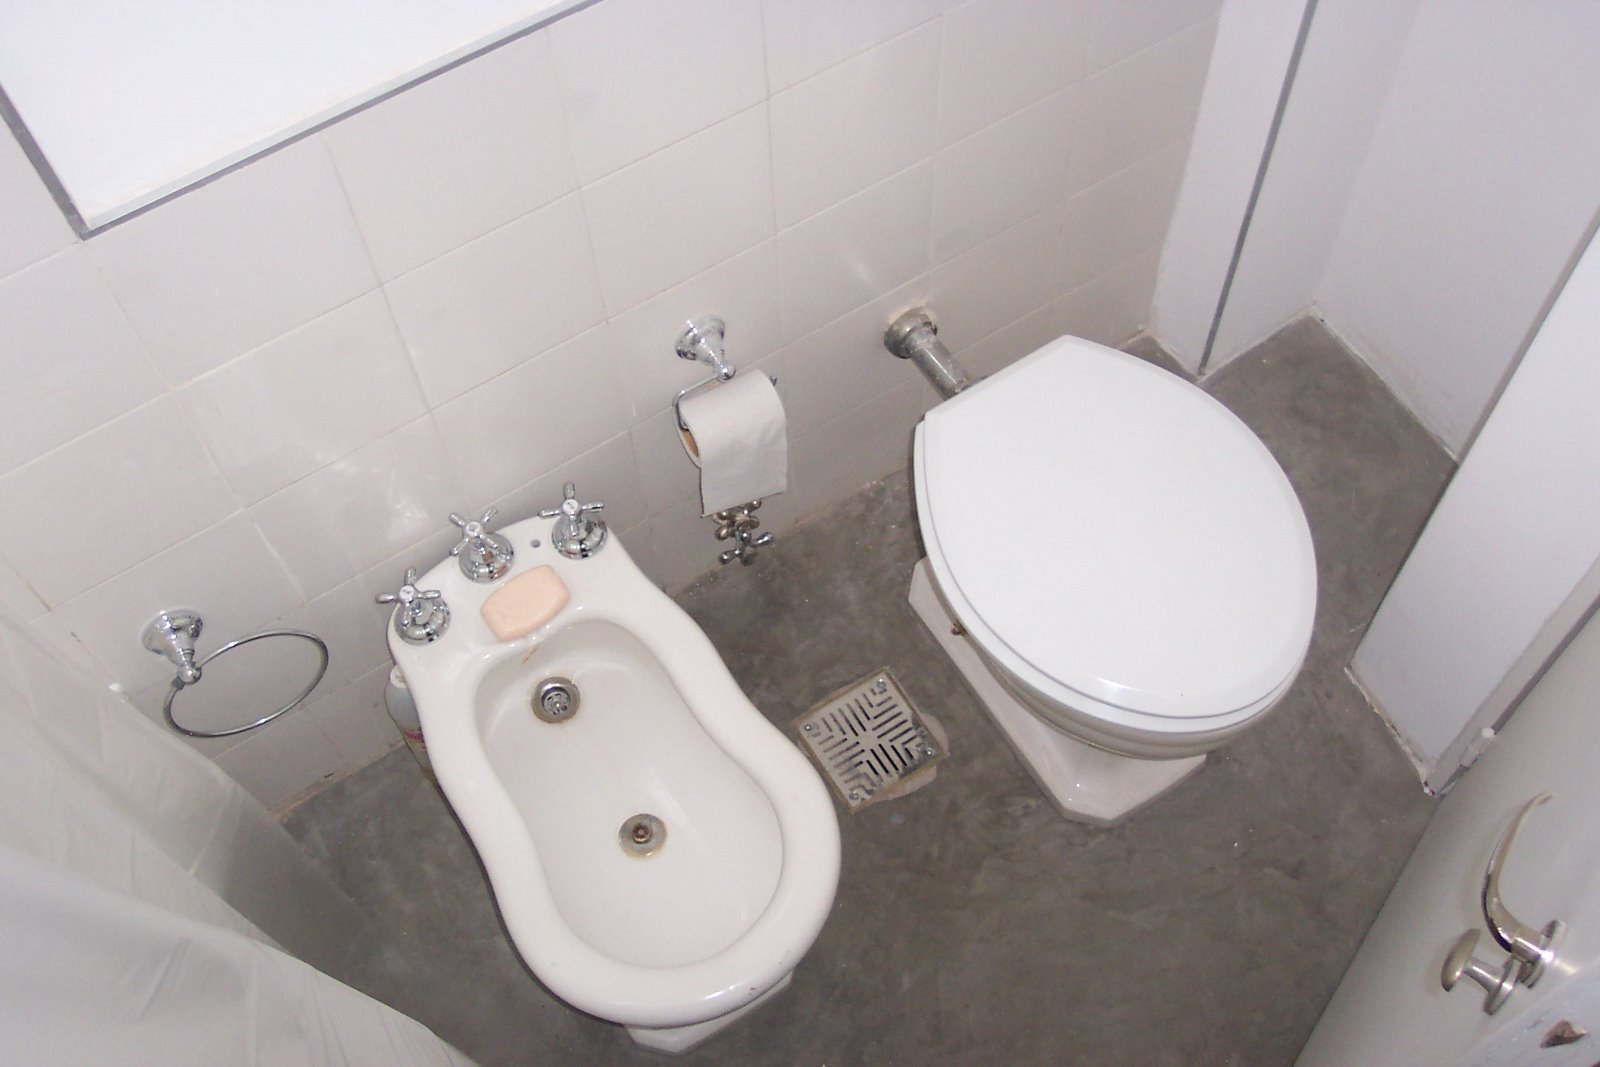 Porteno toilet